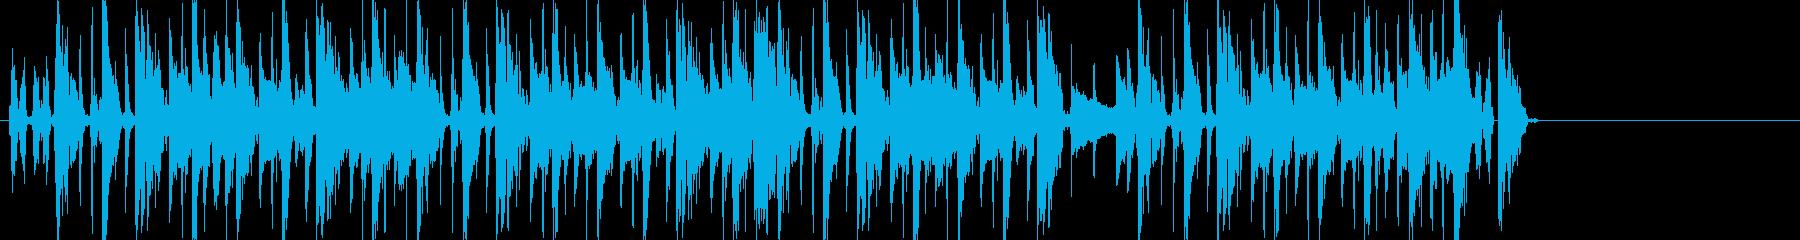 ブレイクビーツ+カッティングギターのんの再生済みの波形